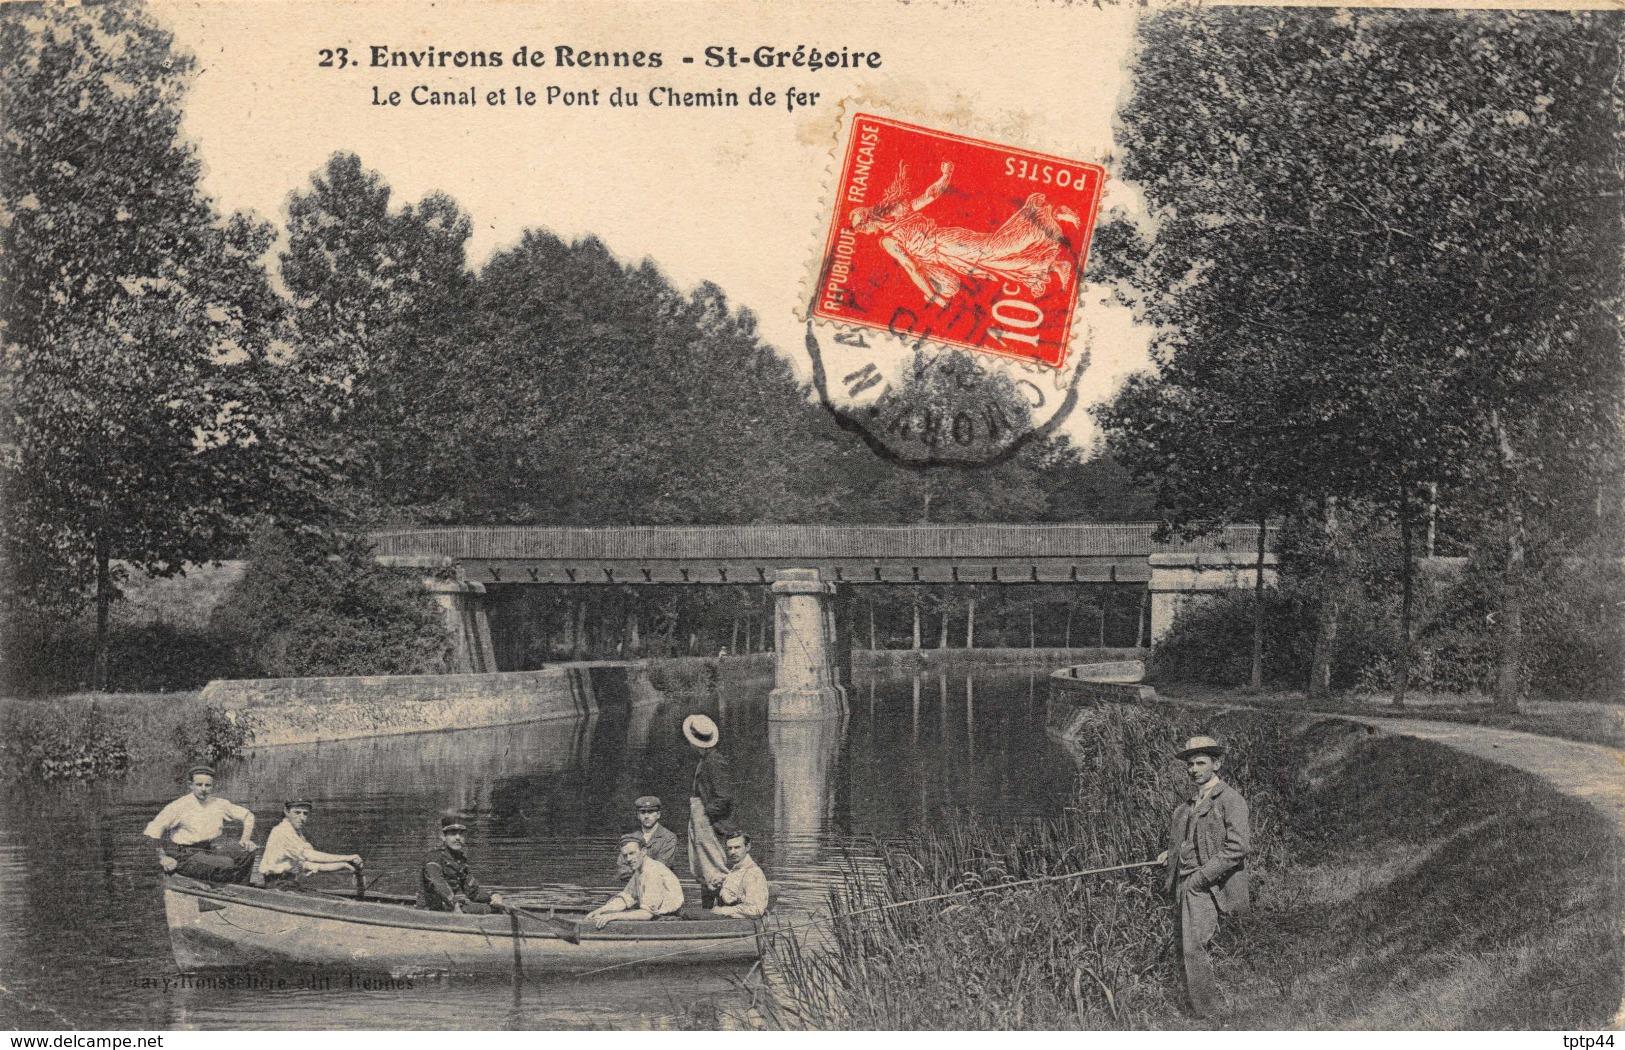 Environs De Rennes - St-Grégoire - Le Canal Et Le Pont De Chemin De Fer - Barque - Pêcheur - Autres Communes